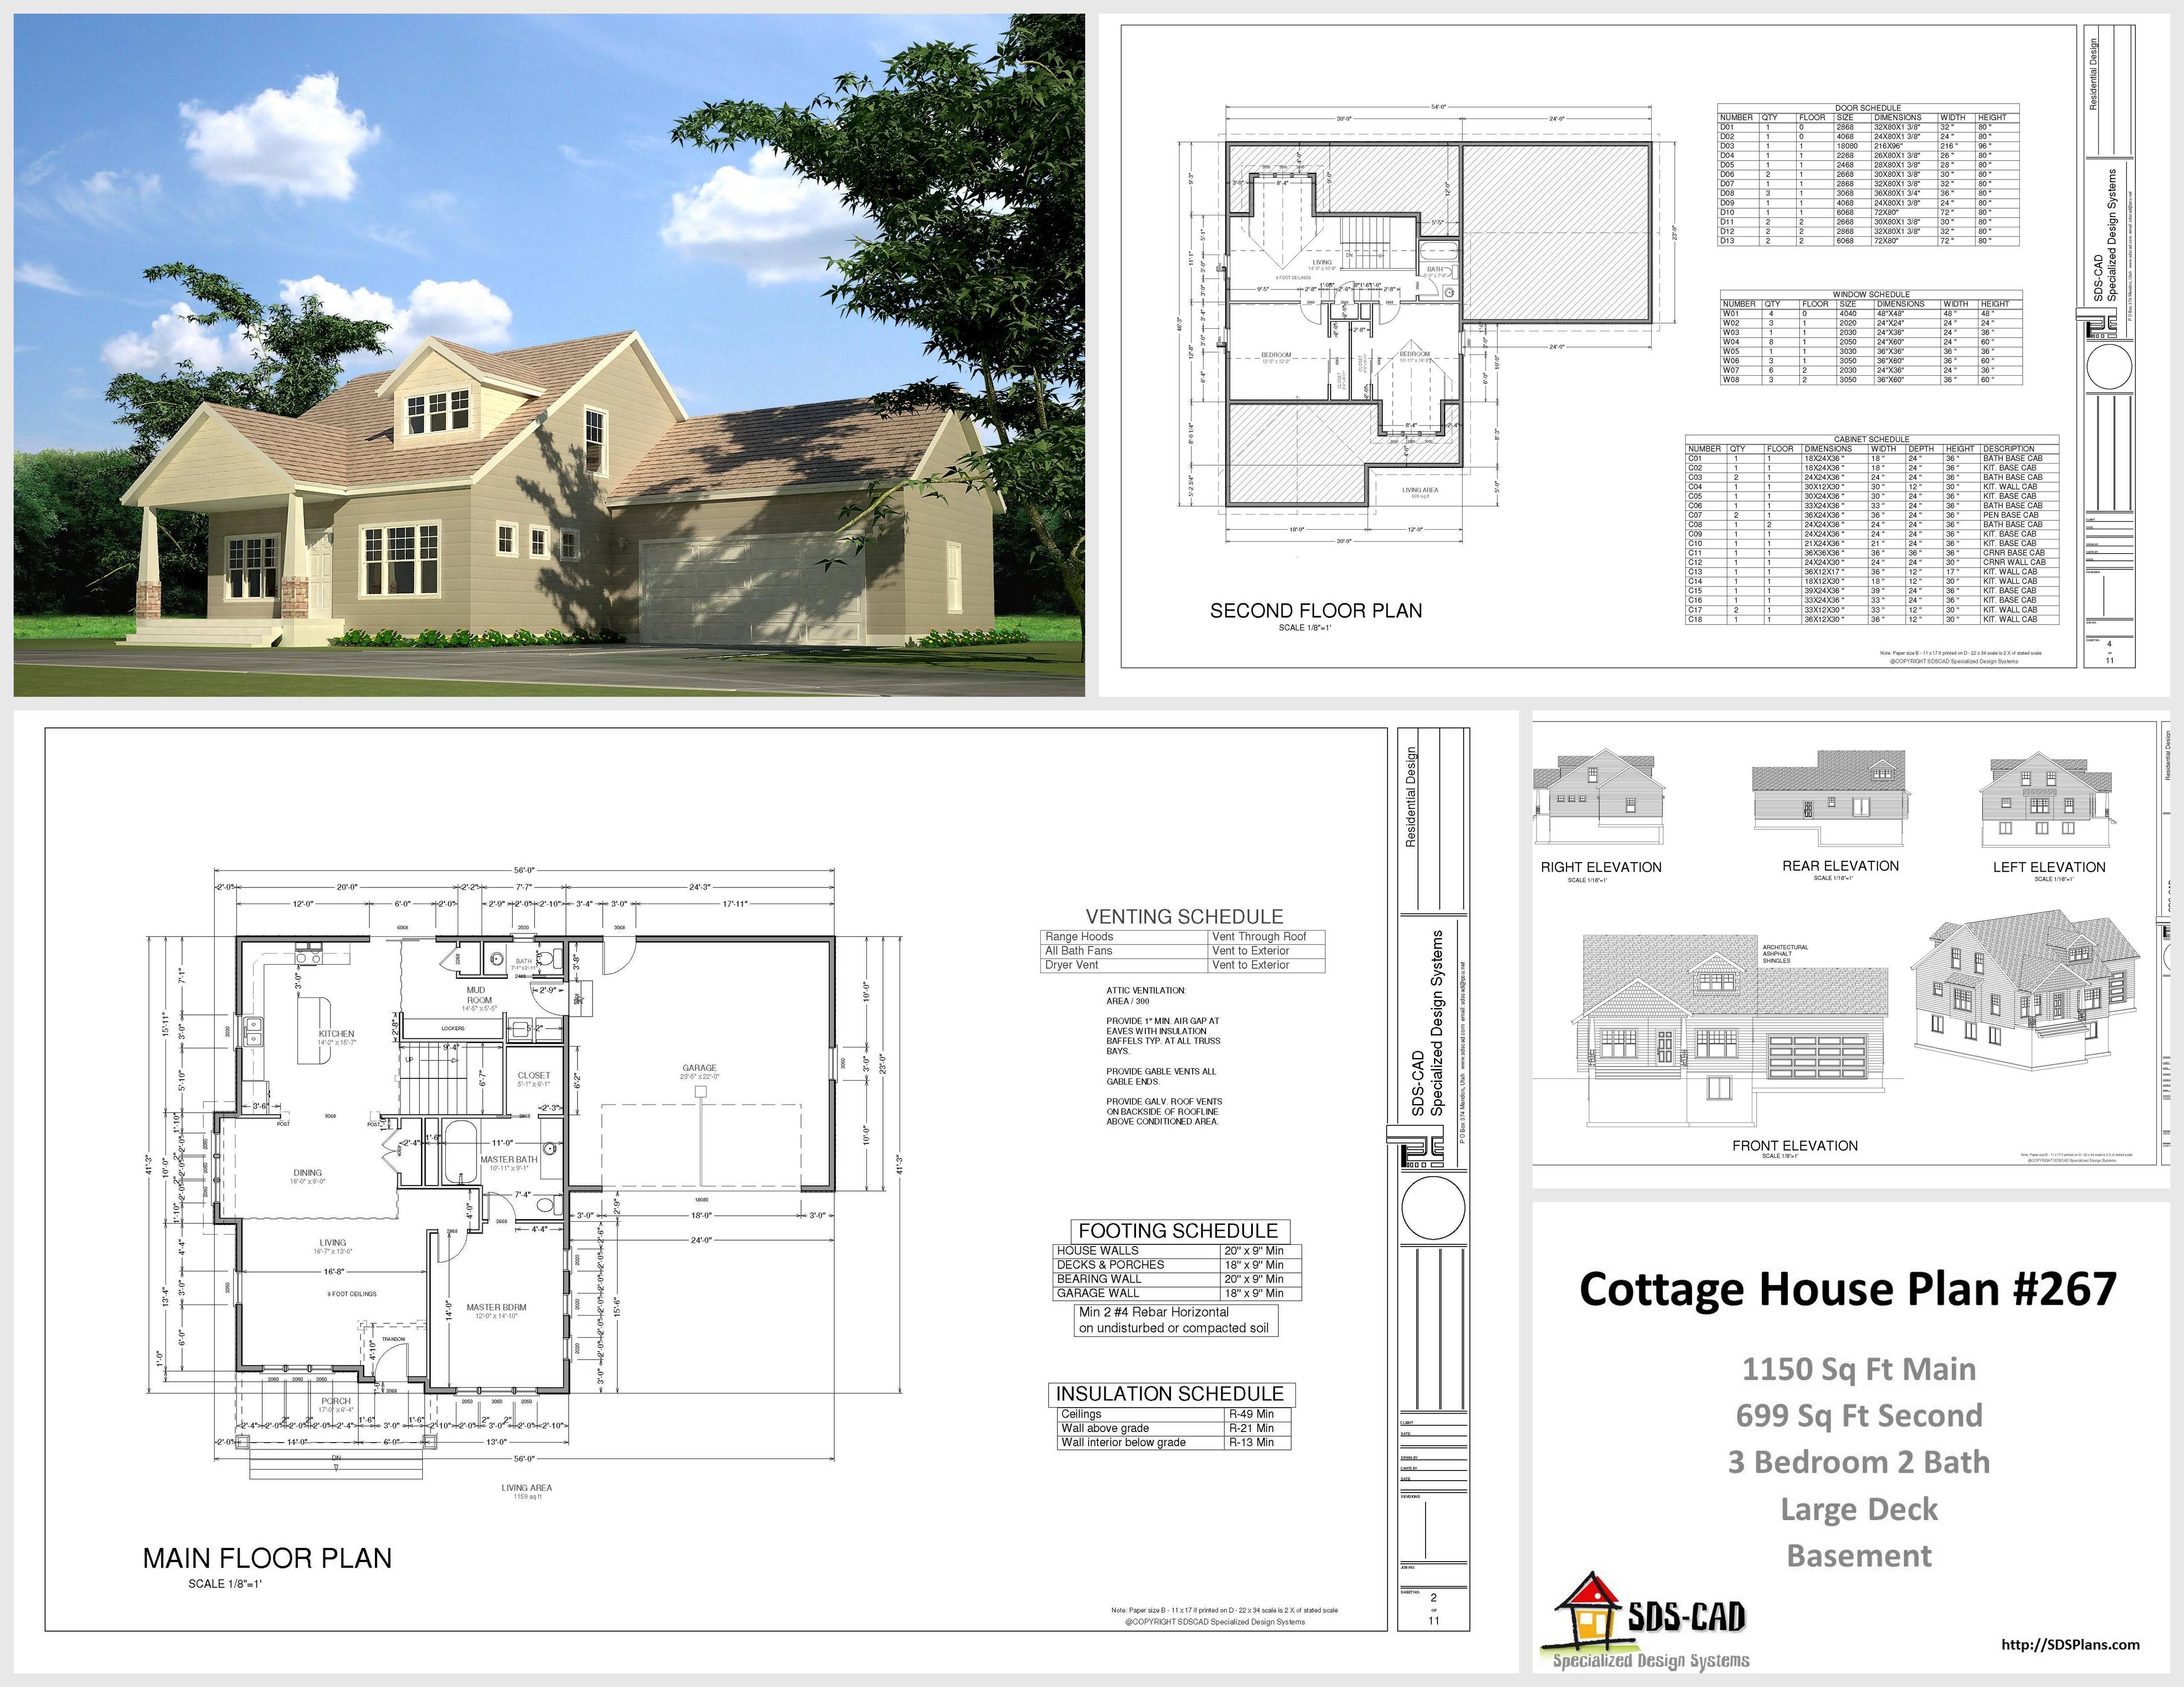 Stupendous 23 Dream Free Home Blueprints Plans Photo House Plans 594 Largest Home Design Picture Inspirations Pitcheantrous